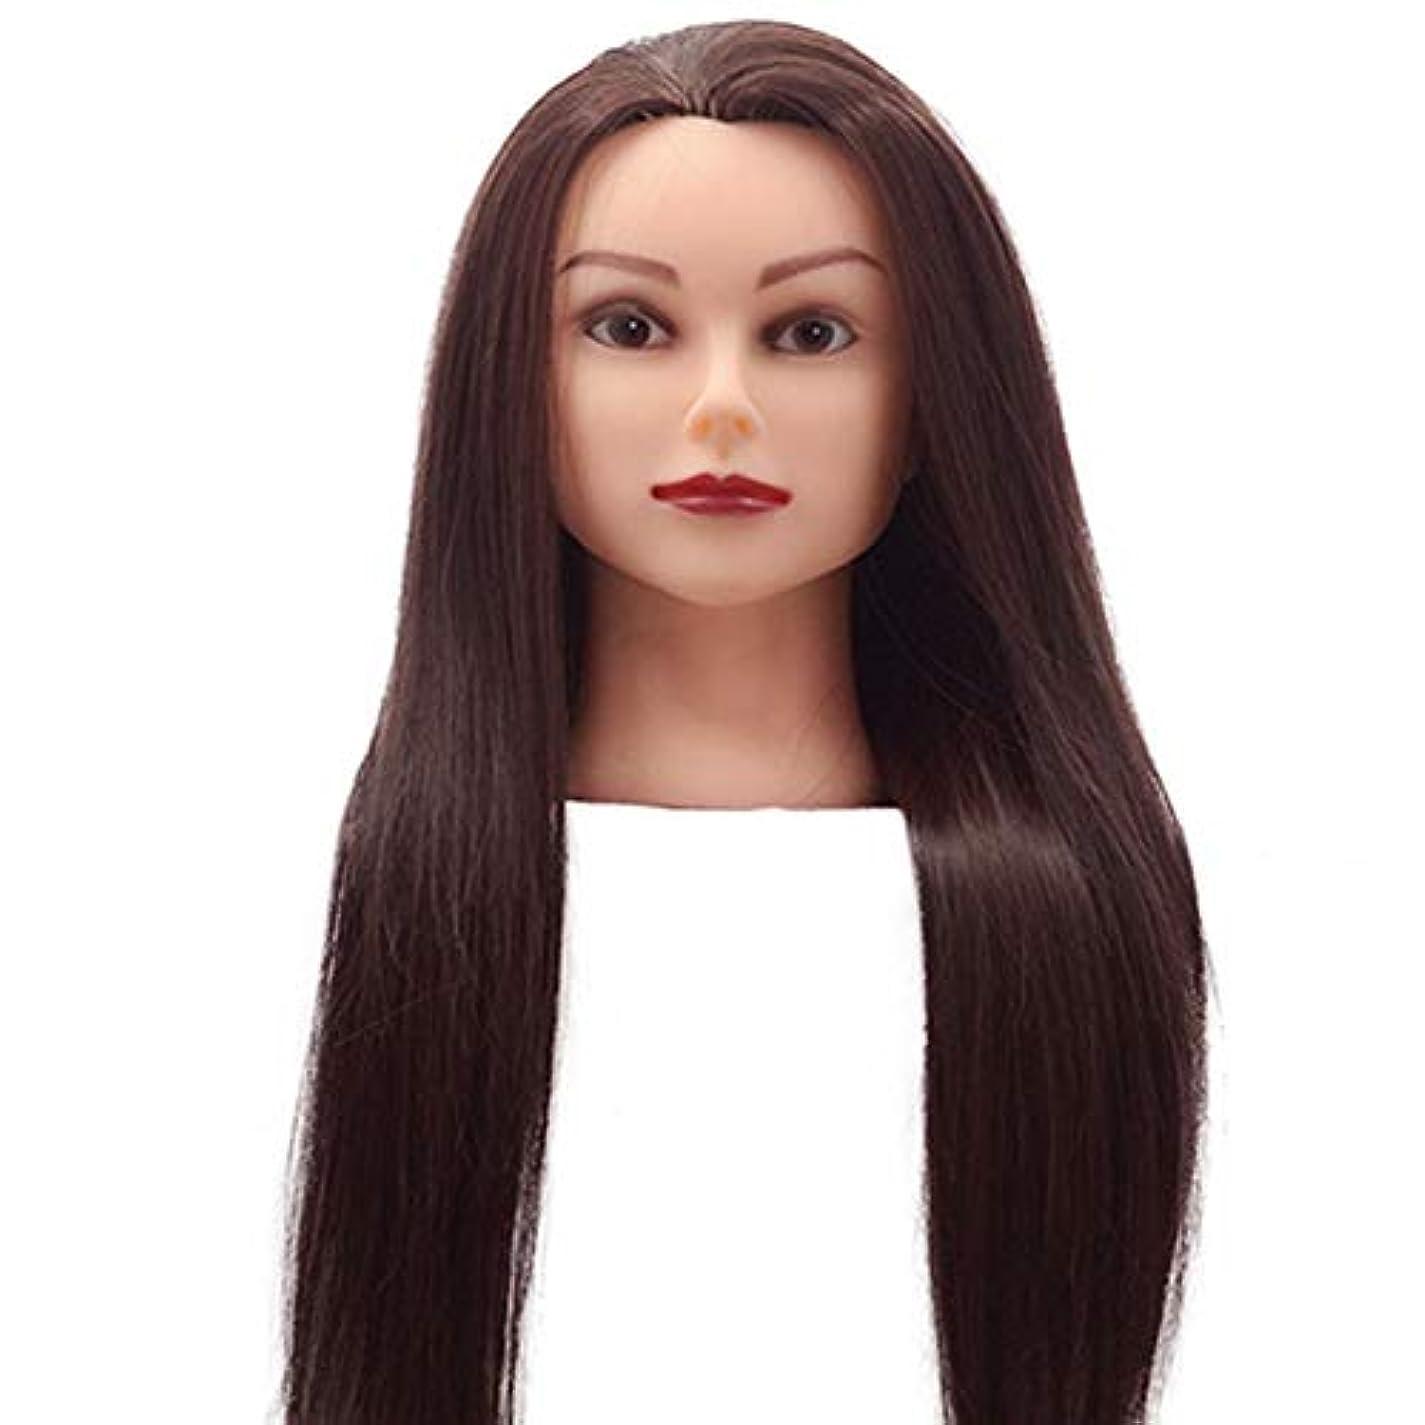 十億トランクこれら理髪モデルヘッド花嫁の髪編組三つ編み学習ヘッドモデル理髪店美容散髪ダミーエクササイズヘッド